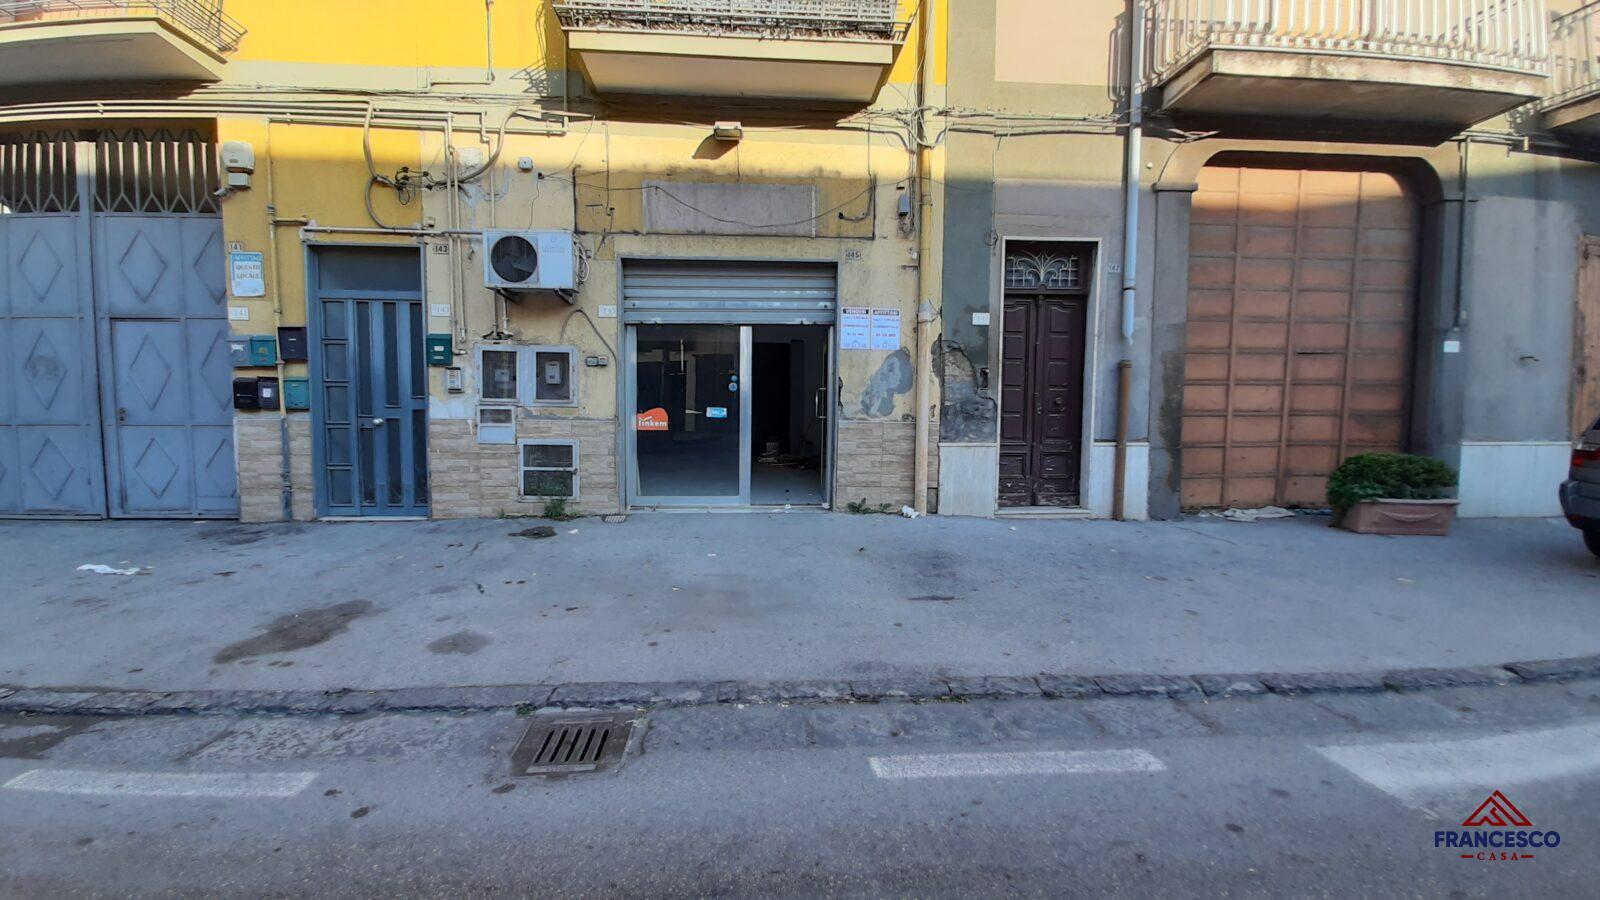 Locale commerciale in affitto ad Angri via Nazionale.